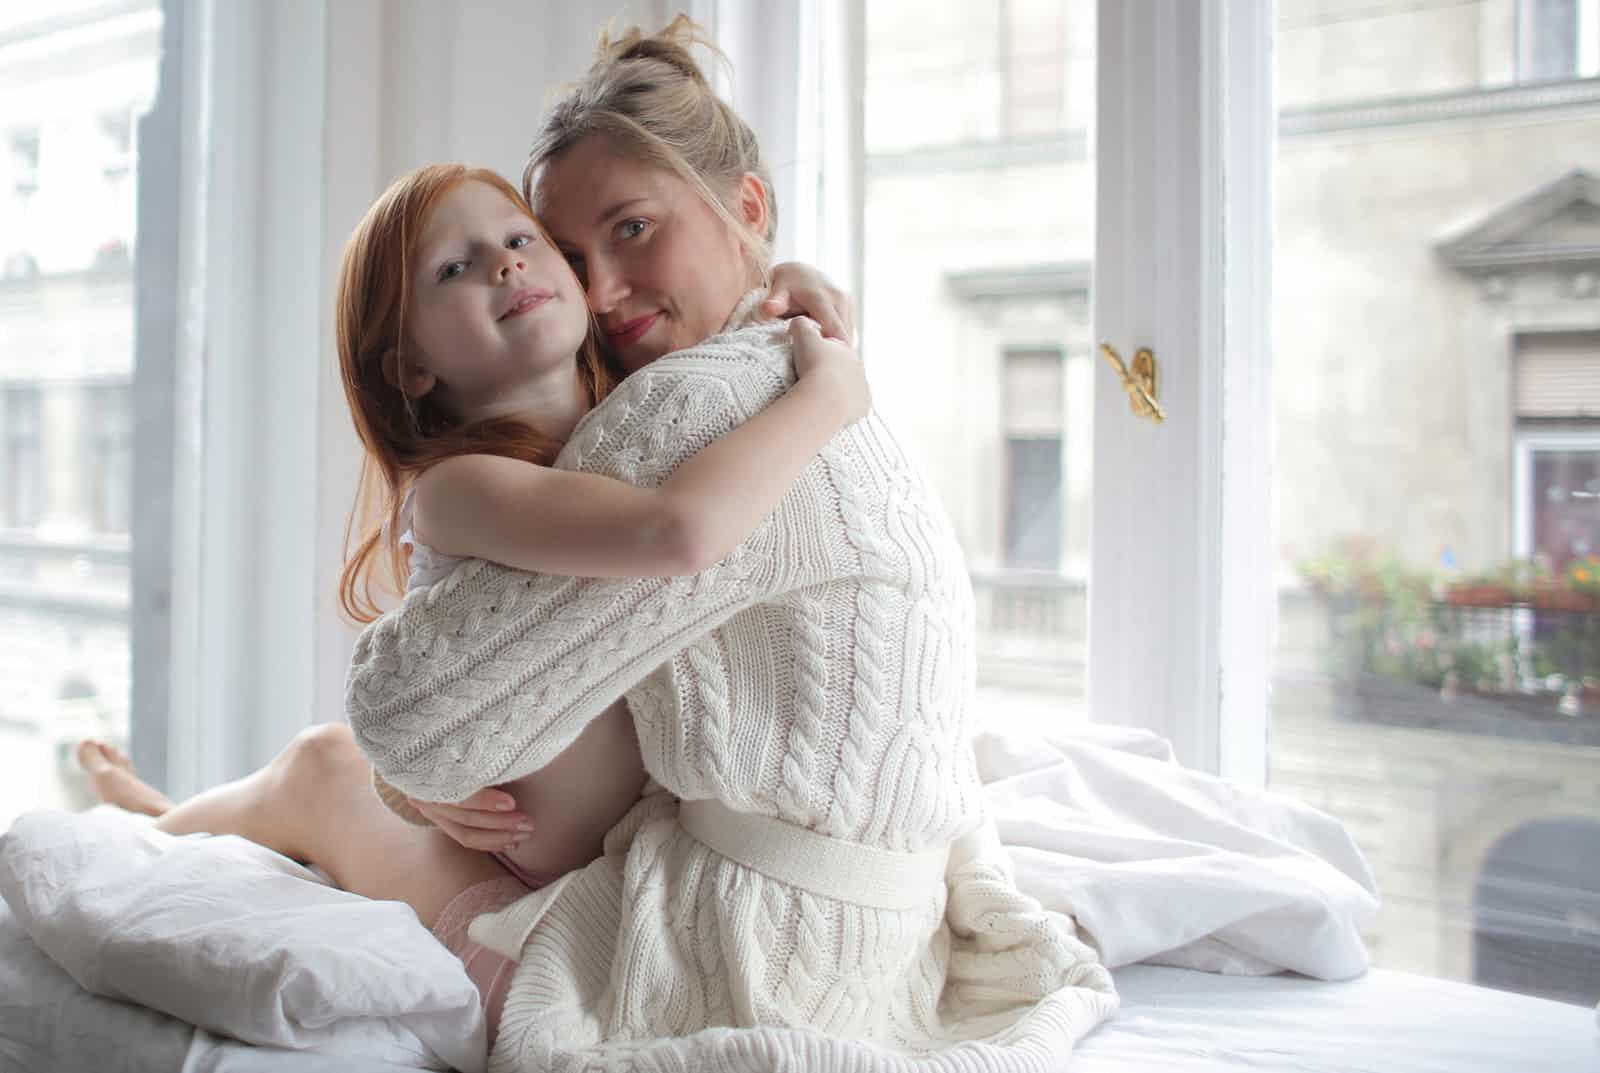 Eine Mutter umarmt ihre kleine Tochter, die auf dem Bett sitzt